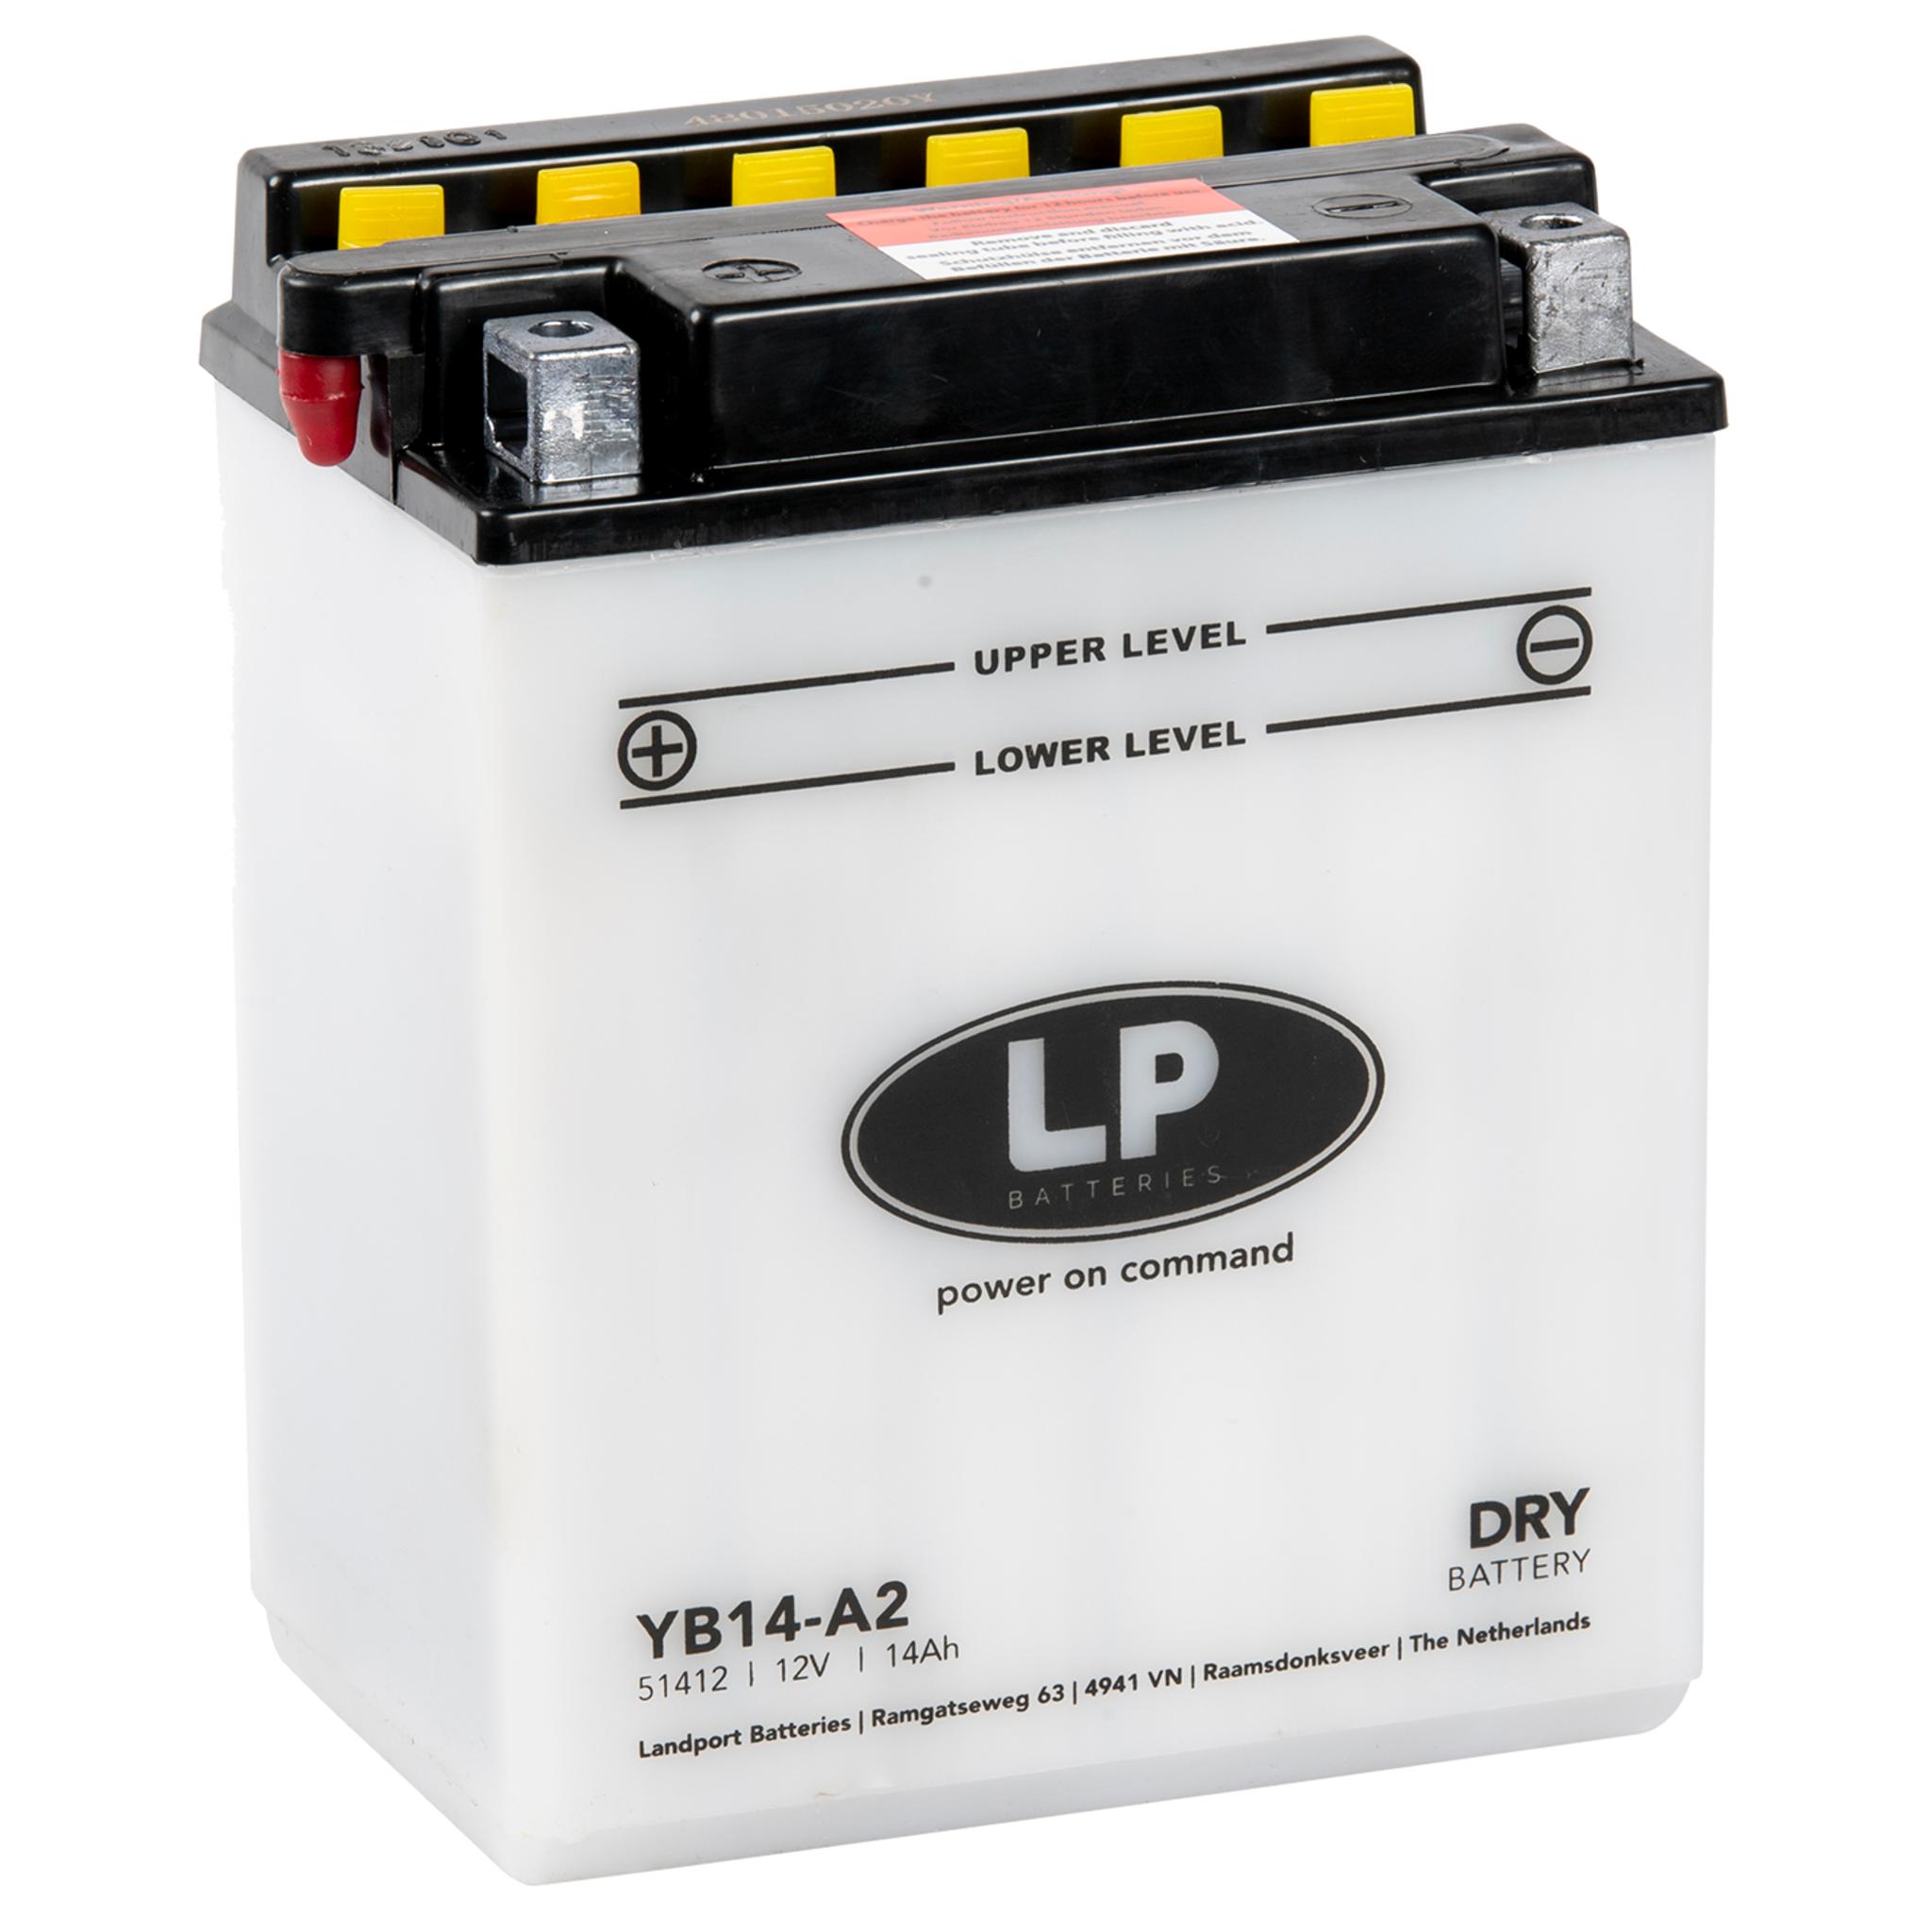 Аккумулятор Landport YB14-A2, 12V, DRY